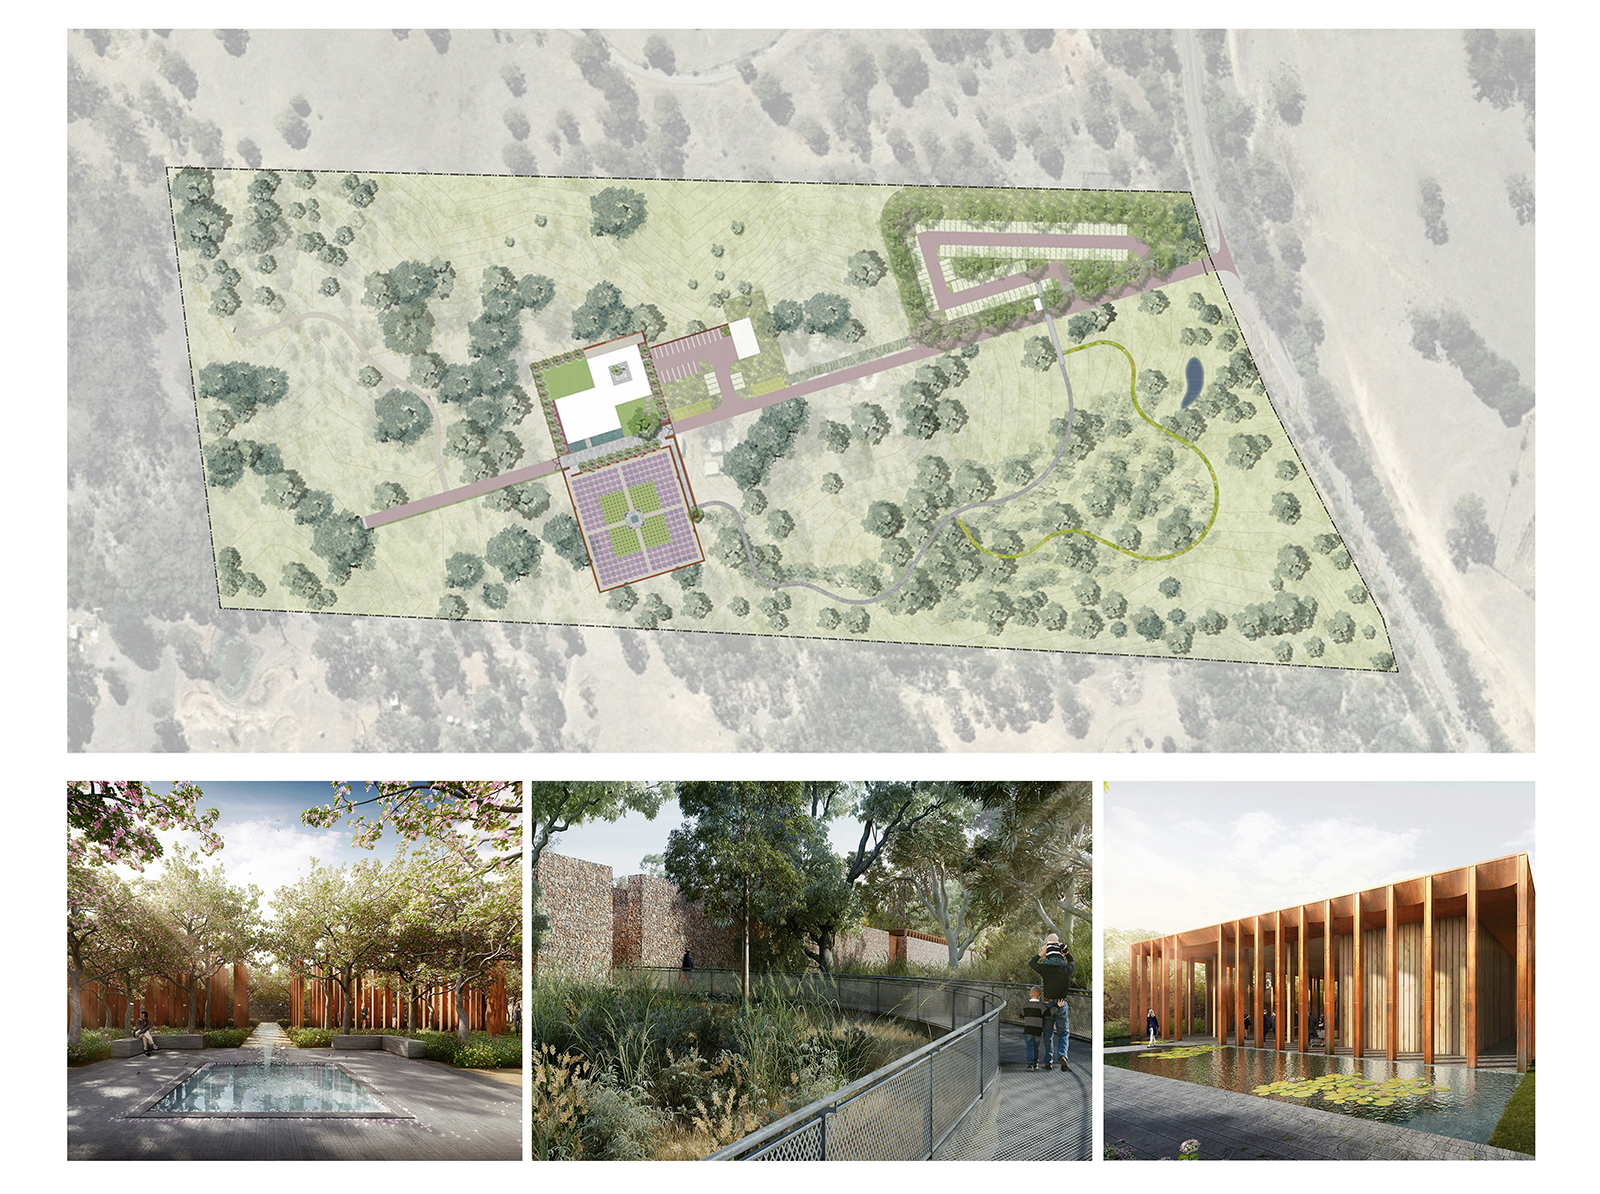 Prijedlog dizajna groblja u Sidneju - CHROFI & McGregor Coxall (preuzeto sa: www.archdaily.com)